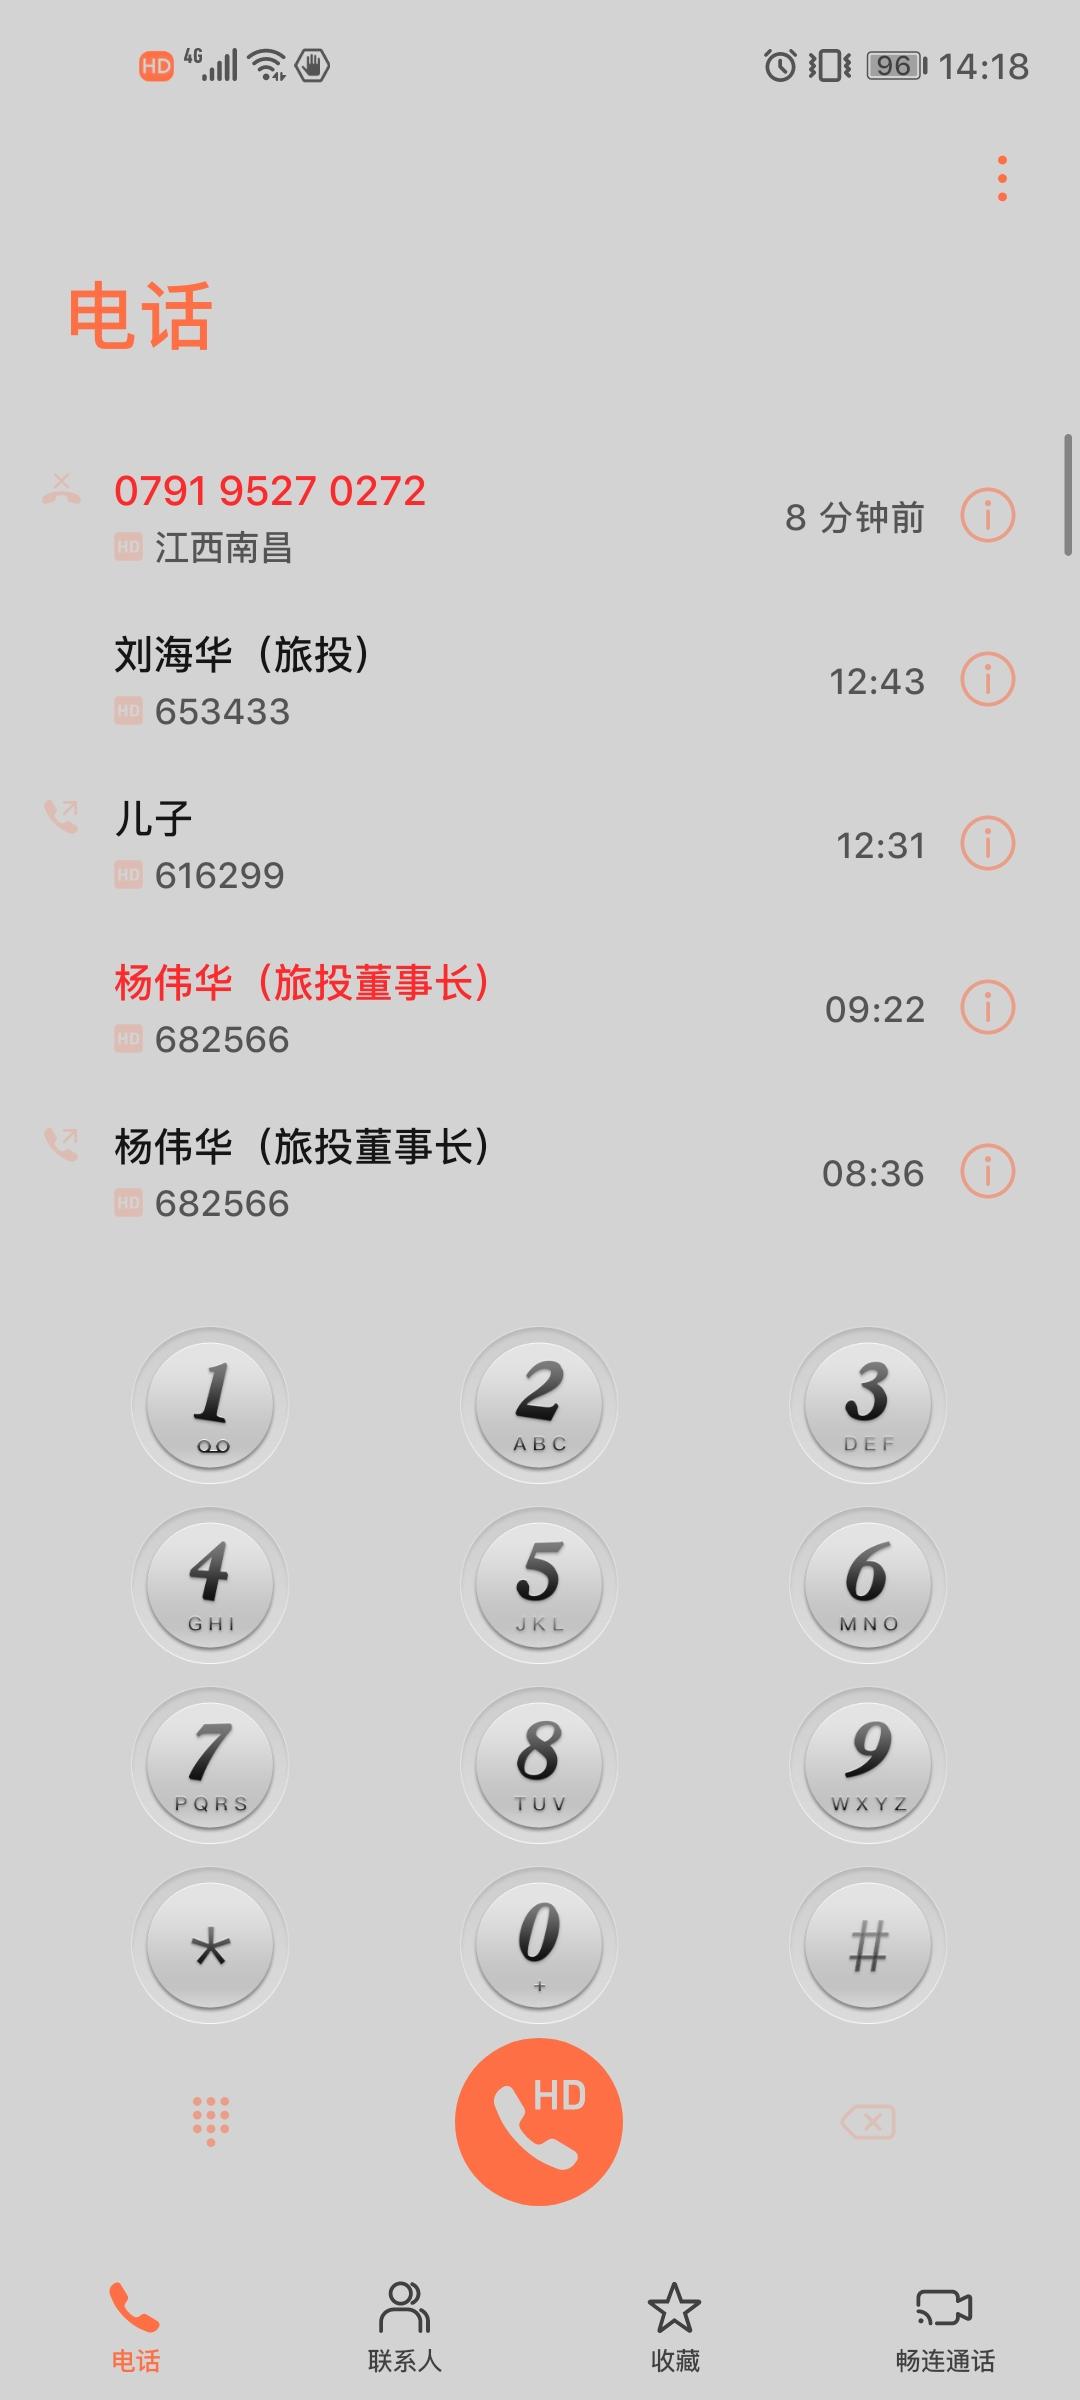 Screenshot_20200728_141802_com.huawei.contacts.jpg